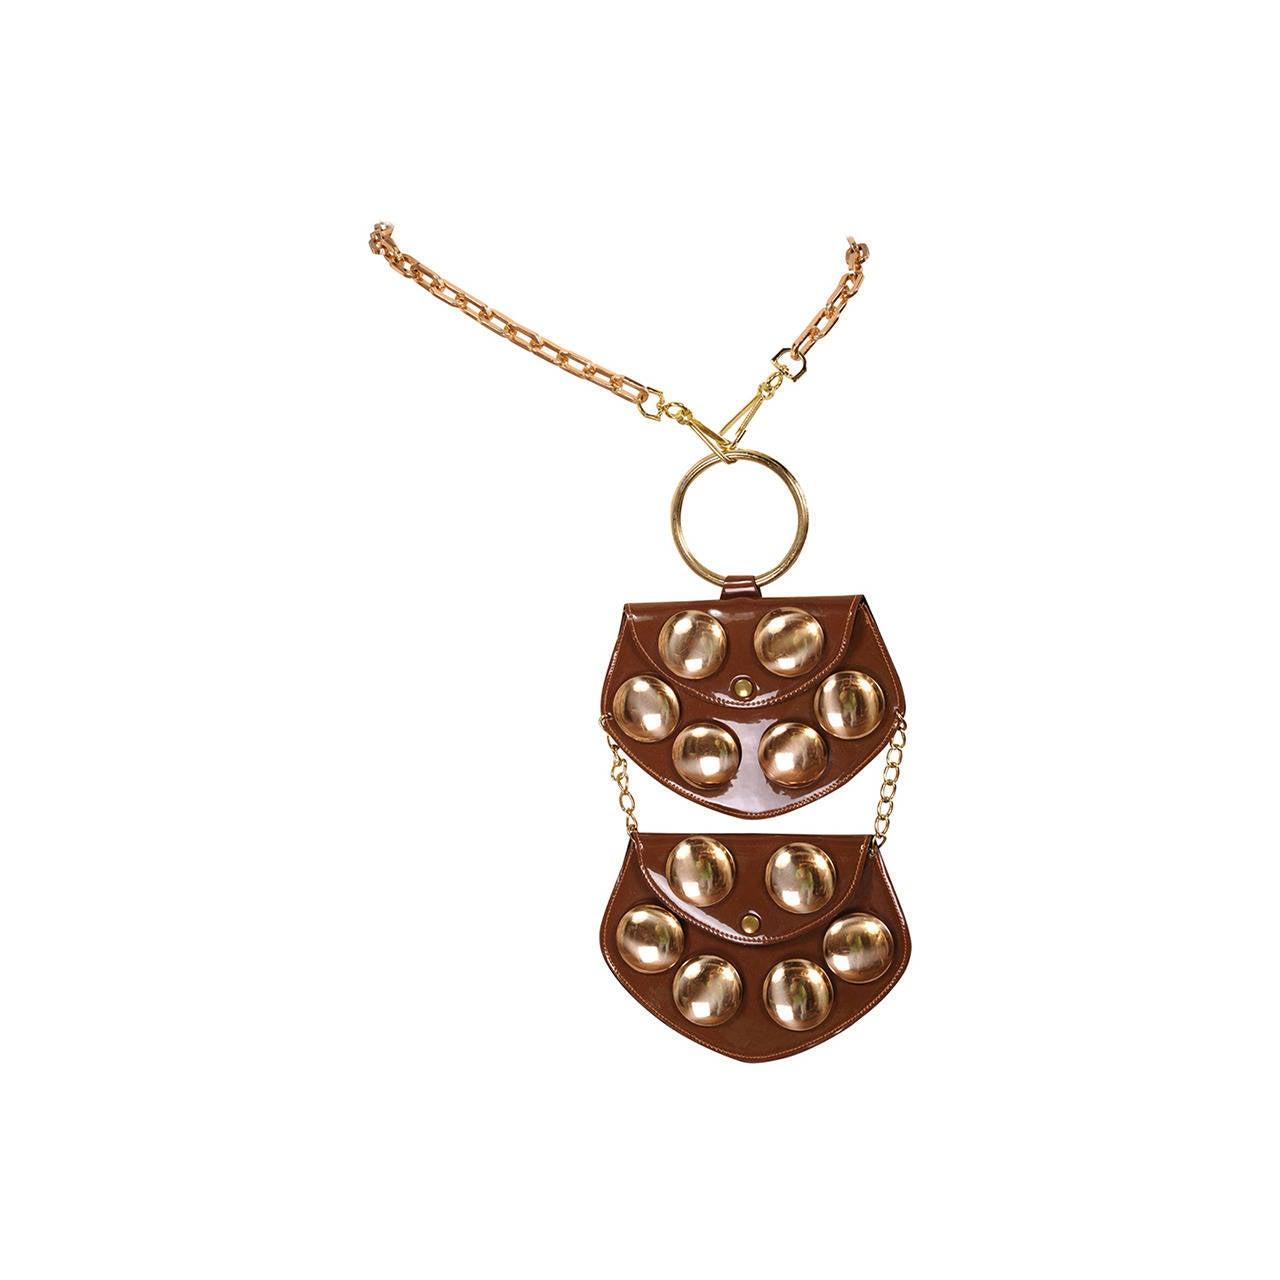 celine uk online shop - 1960's French Studded Patent Leather Belt or Hand Bag, Saks Fifth ...